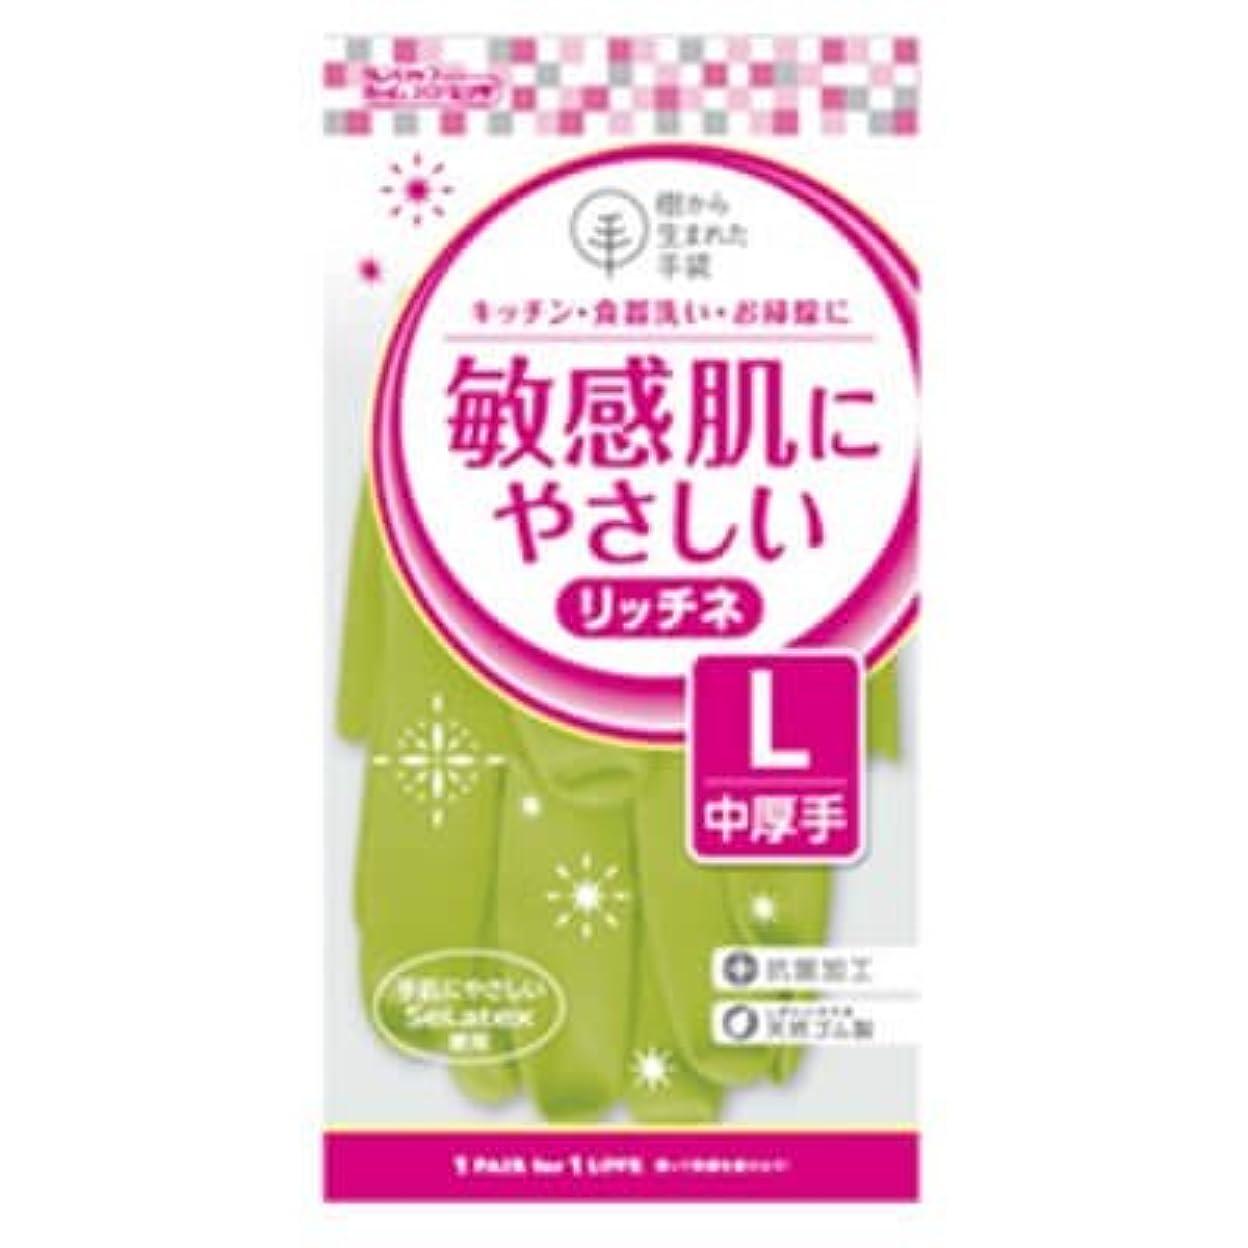 プランター腹部自分の【ケース販売】 ダンロップ 敏感肌にやさしい リッチネ 中厚手 L グリーン (10双×12袋)